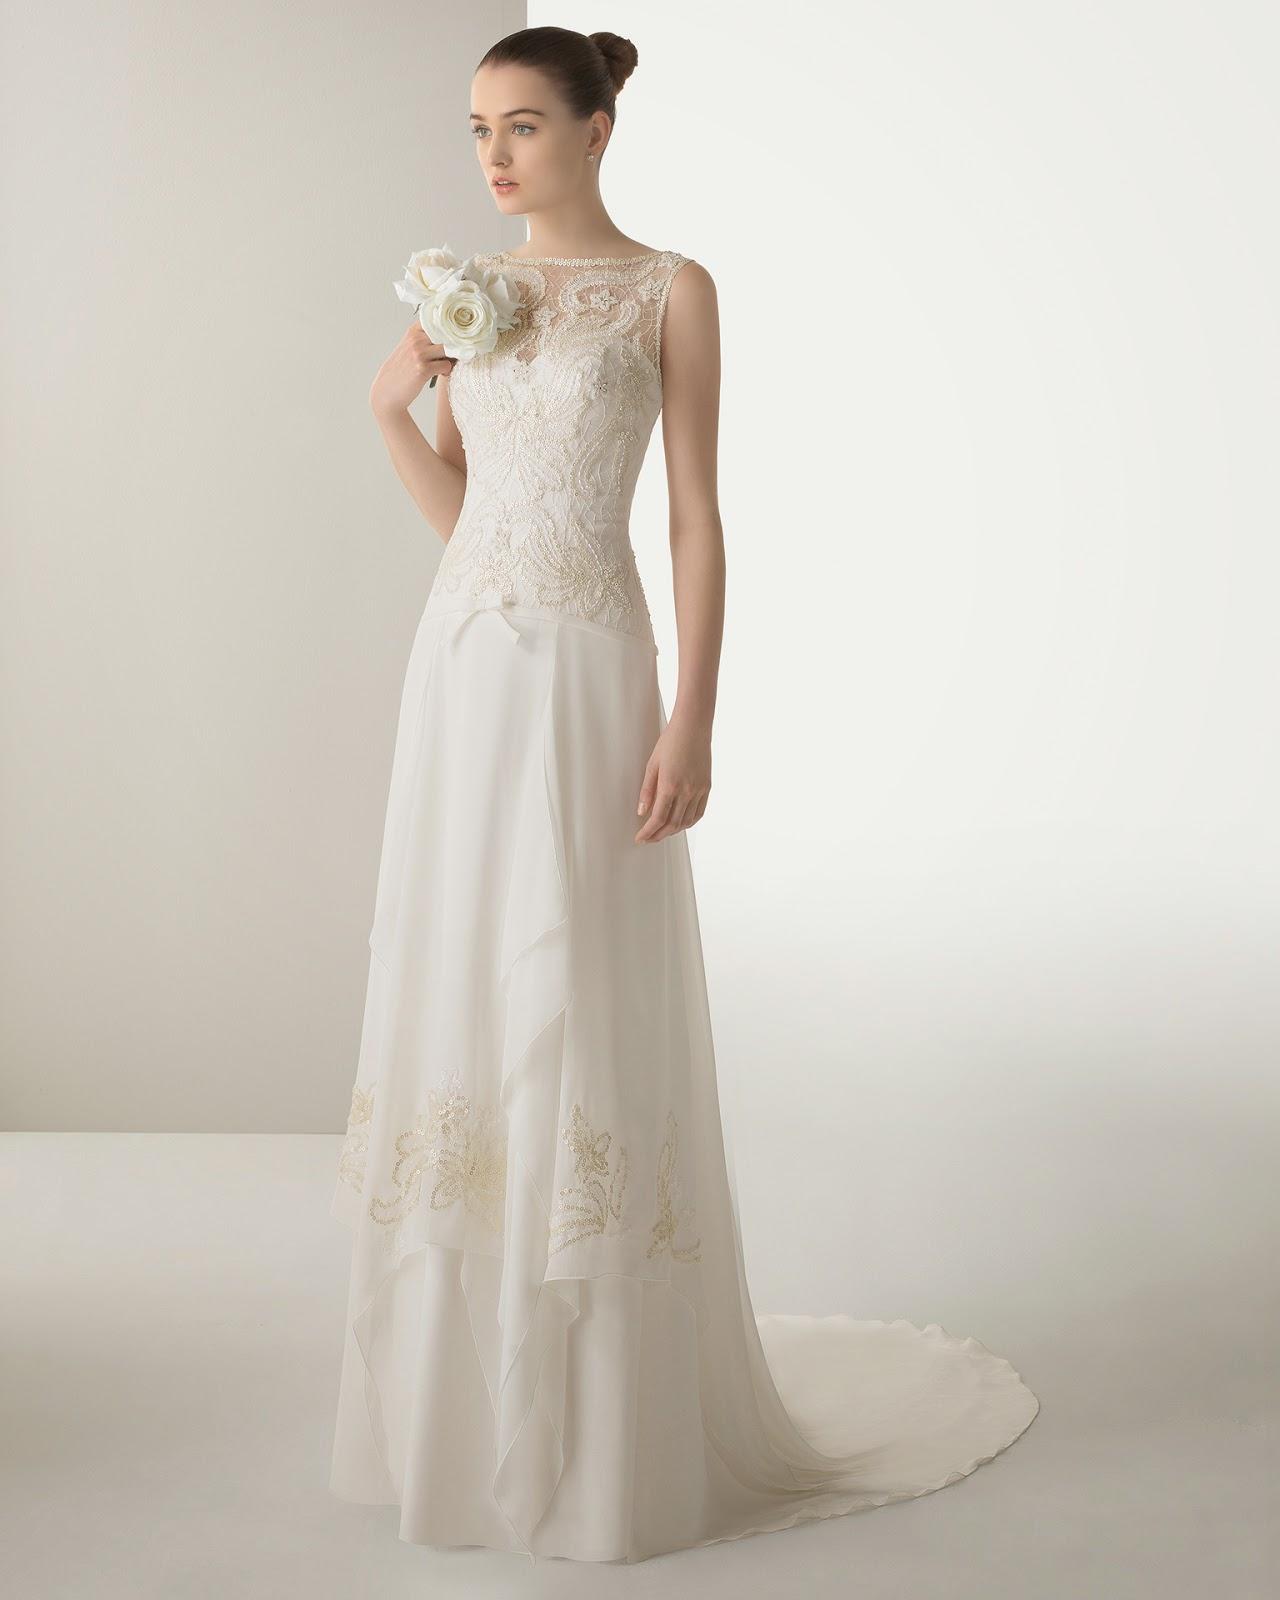 Popolare Tendenze abiti da sposa 2015 - Moda nozze - Forum Matrimonio.com NK12